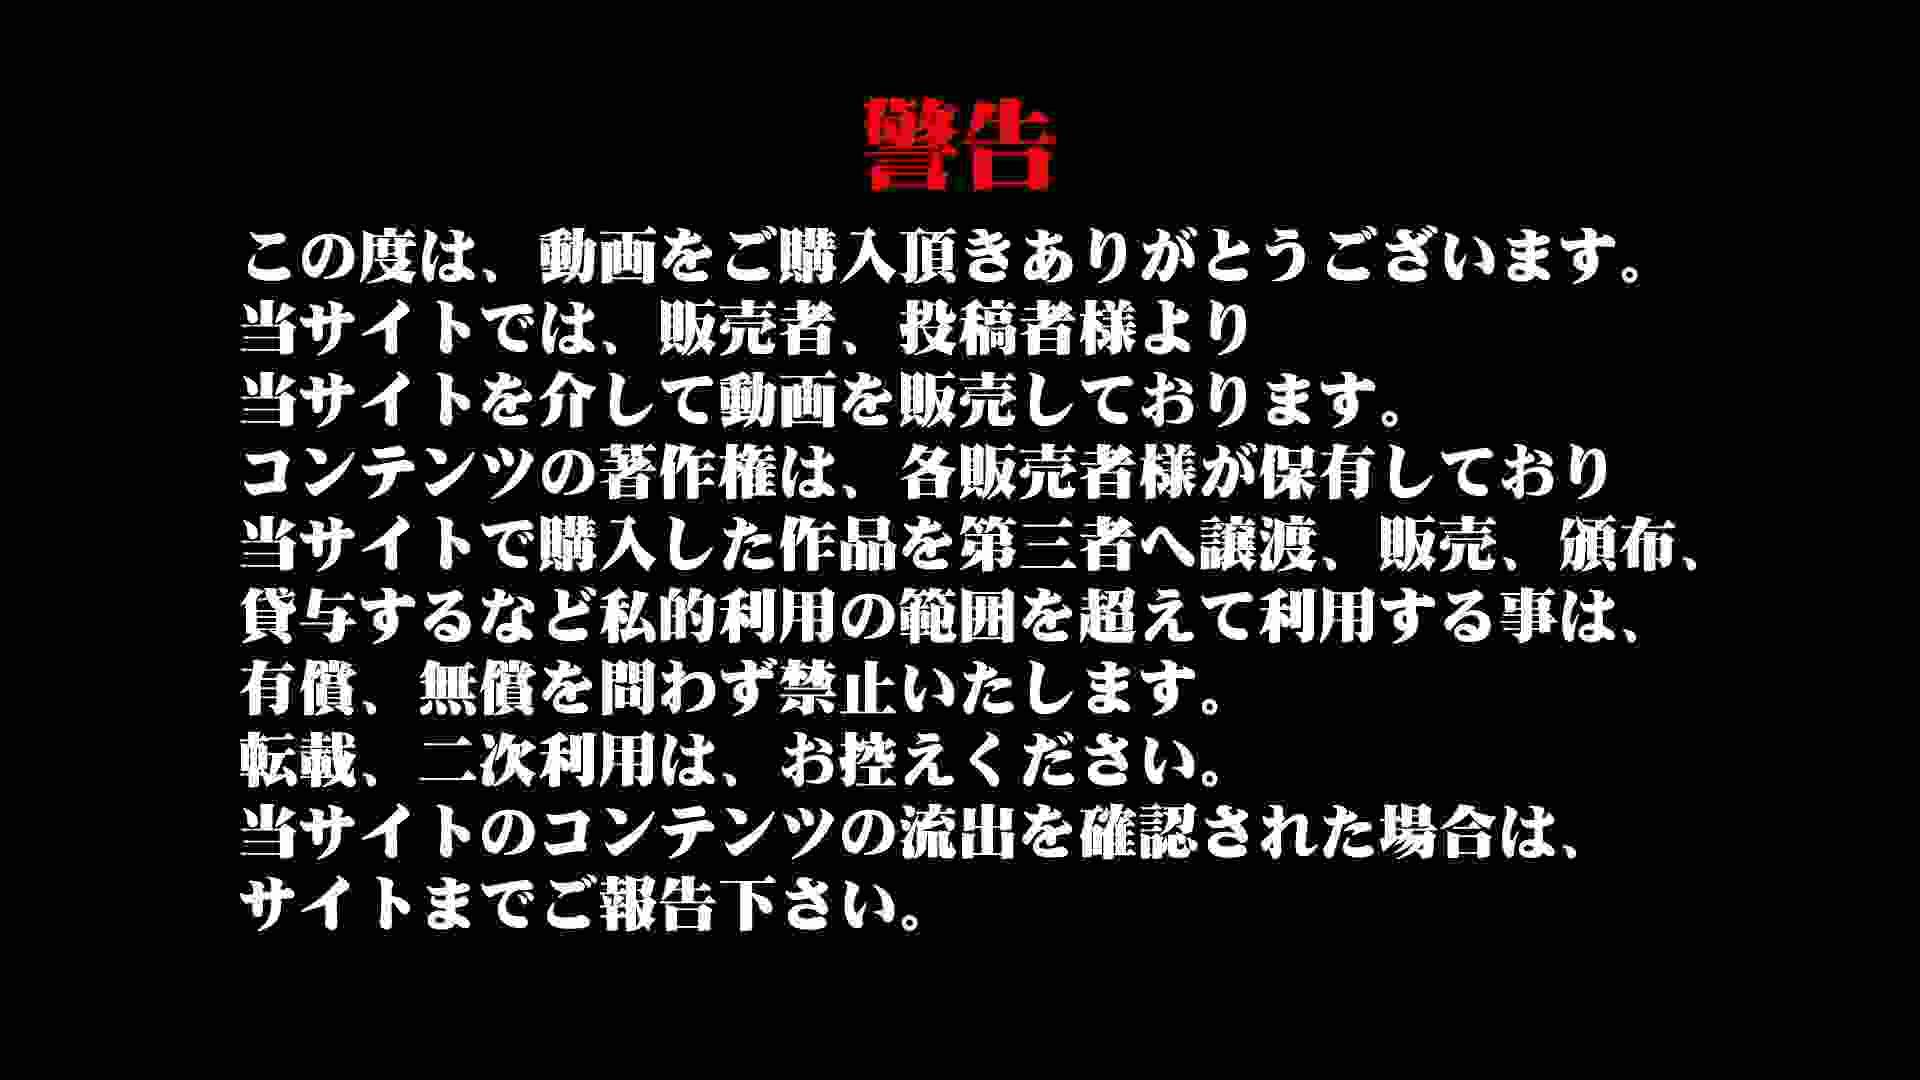 Aquaな露天風呂Vol.895 盗撮シリーズ  101PIX 26